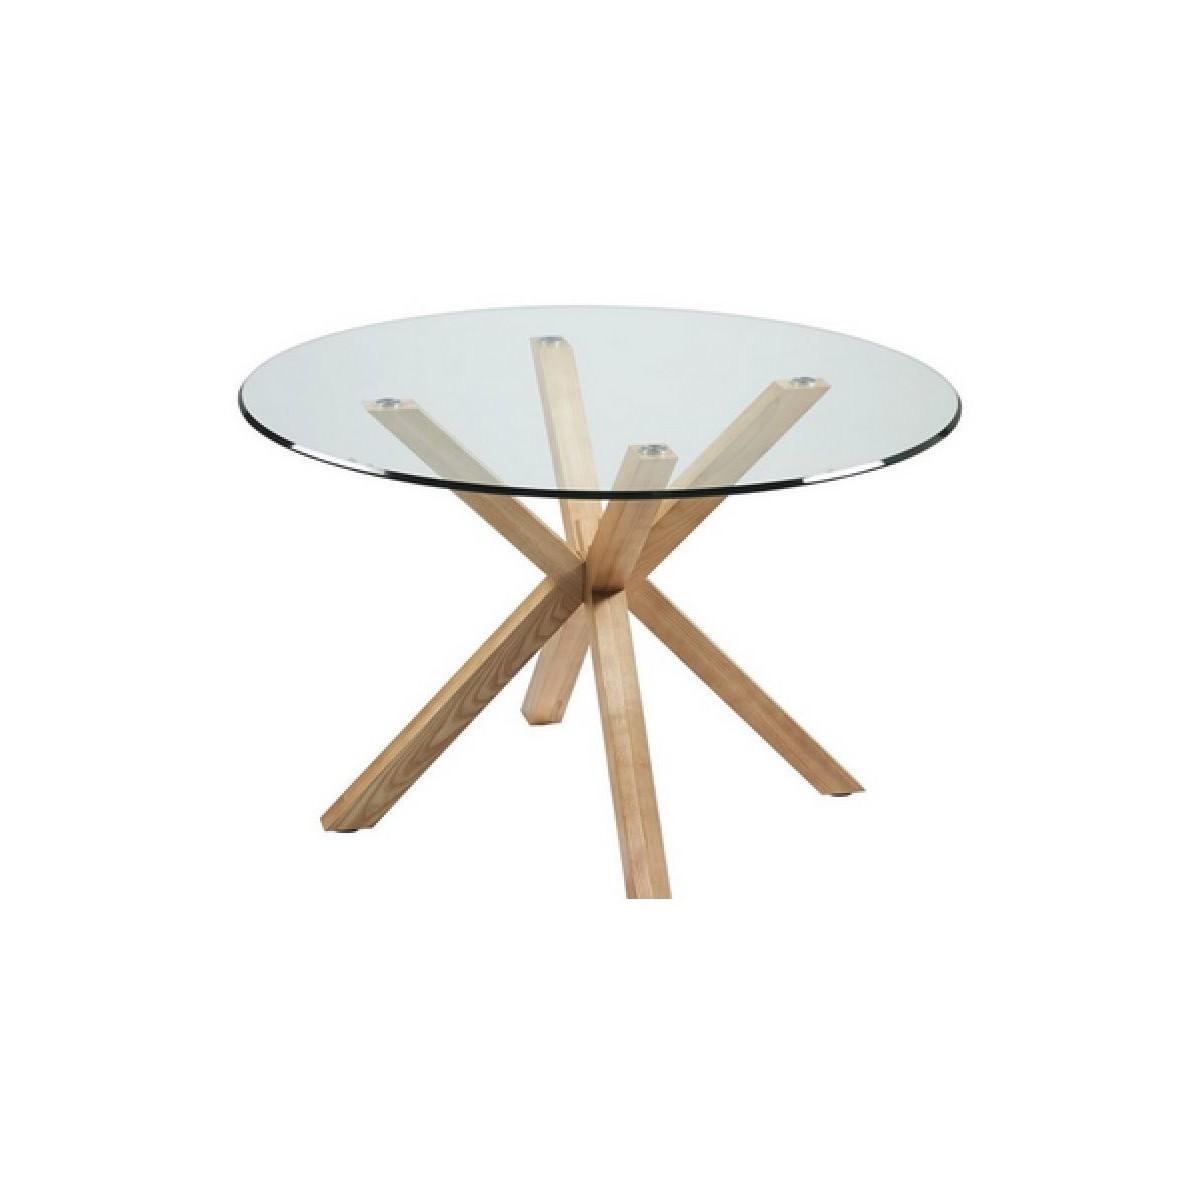 De la mesa de comedor redonda con patas madera de fresno de camino a casa idol - Patas para mesa redonda ...